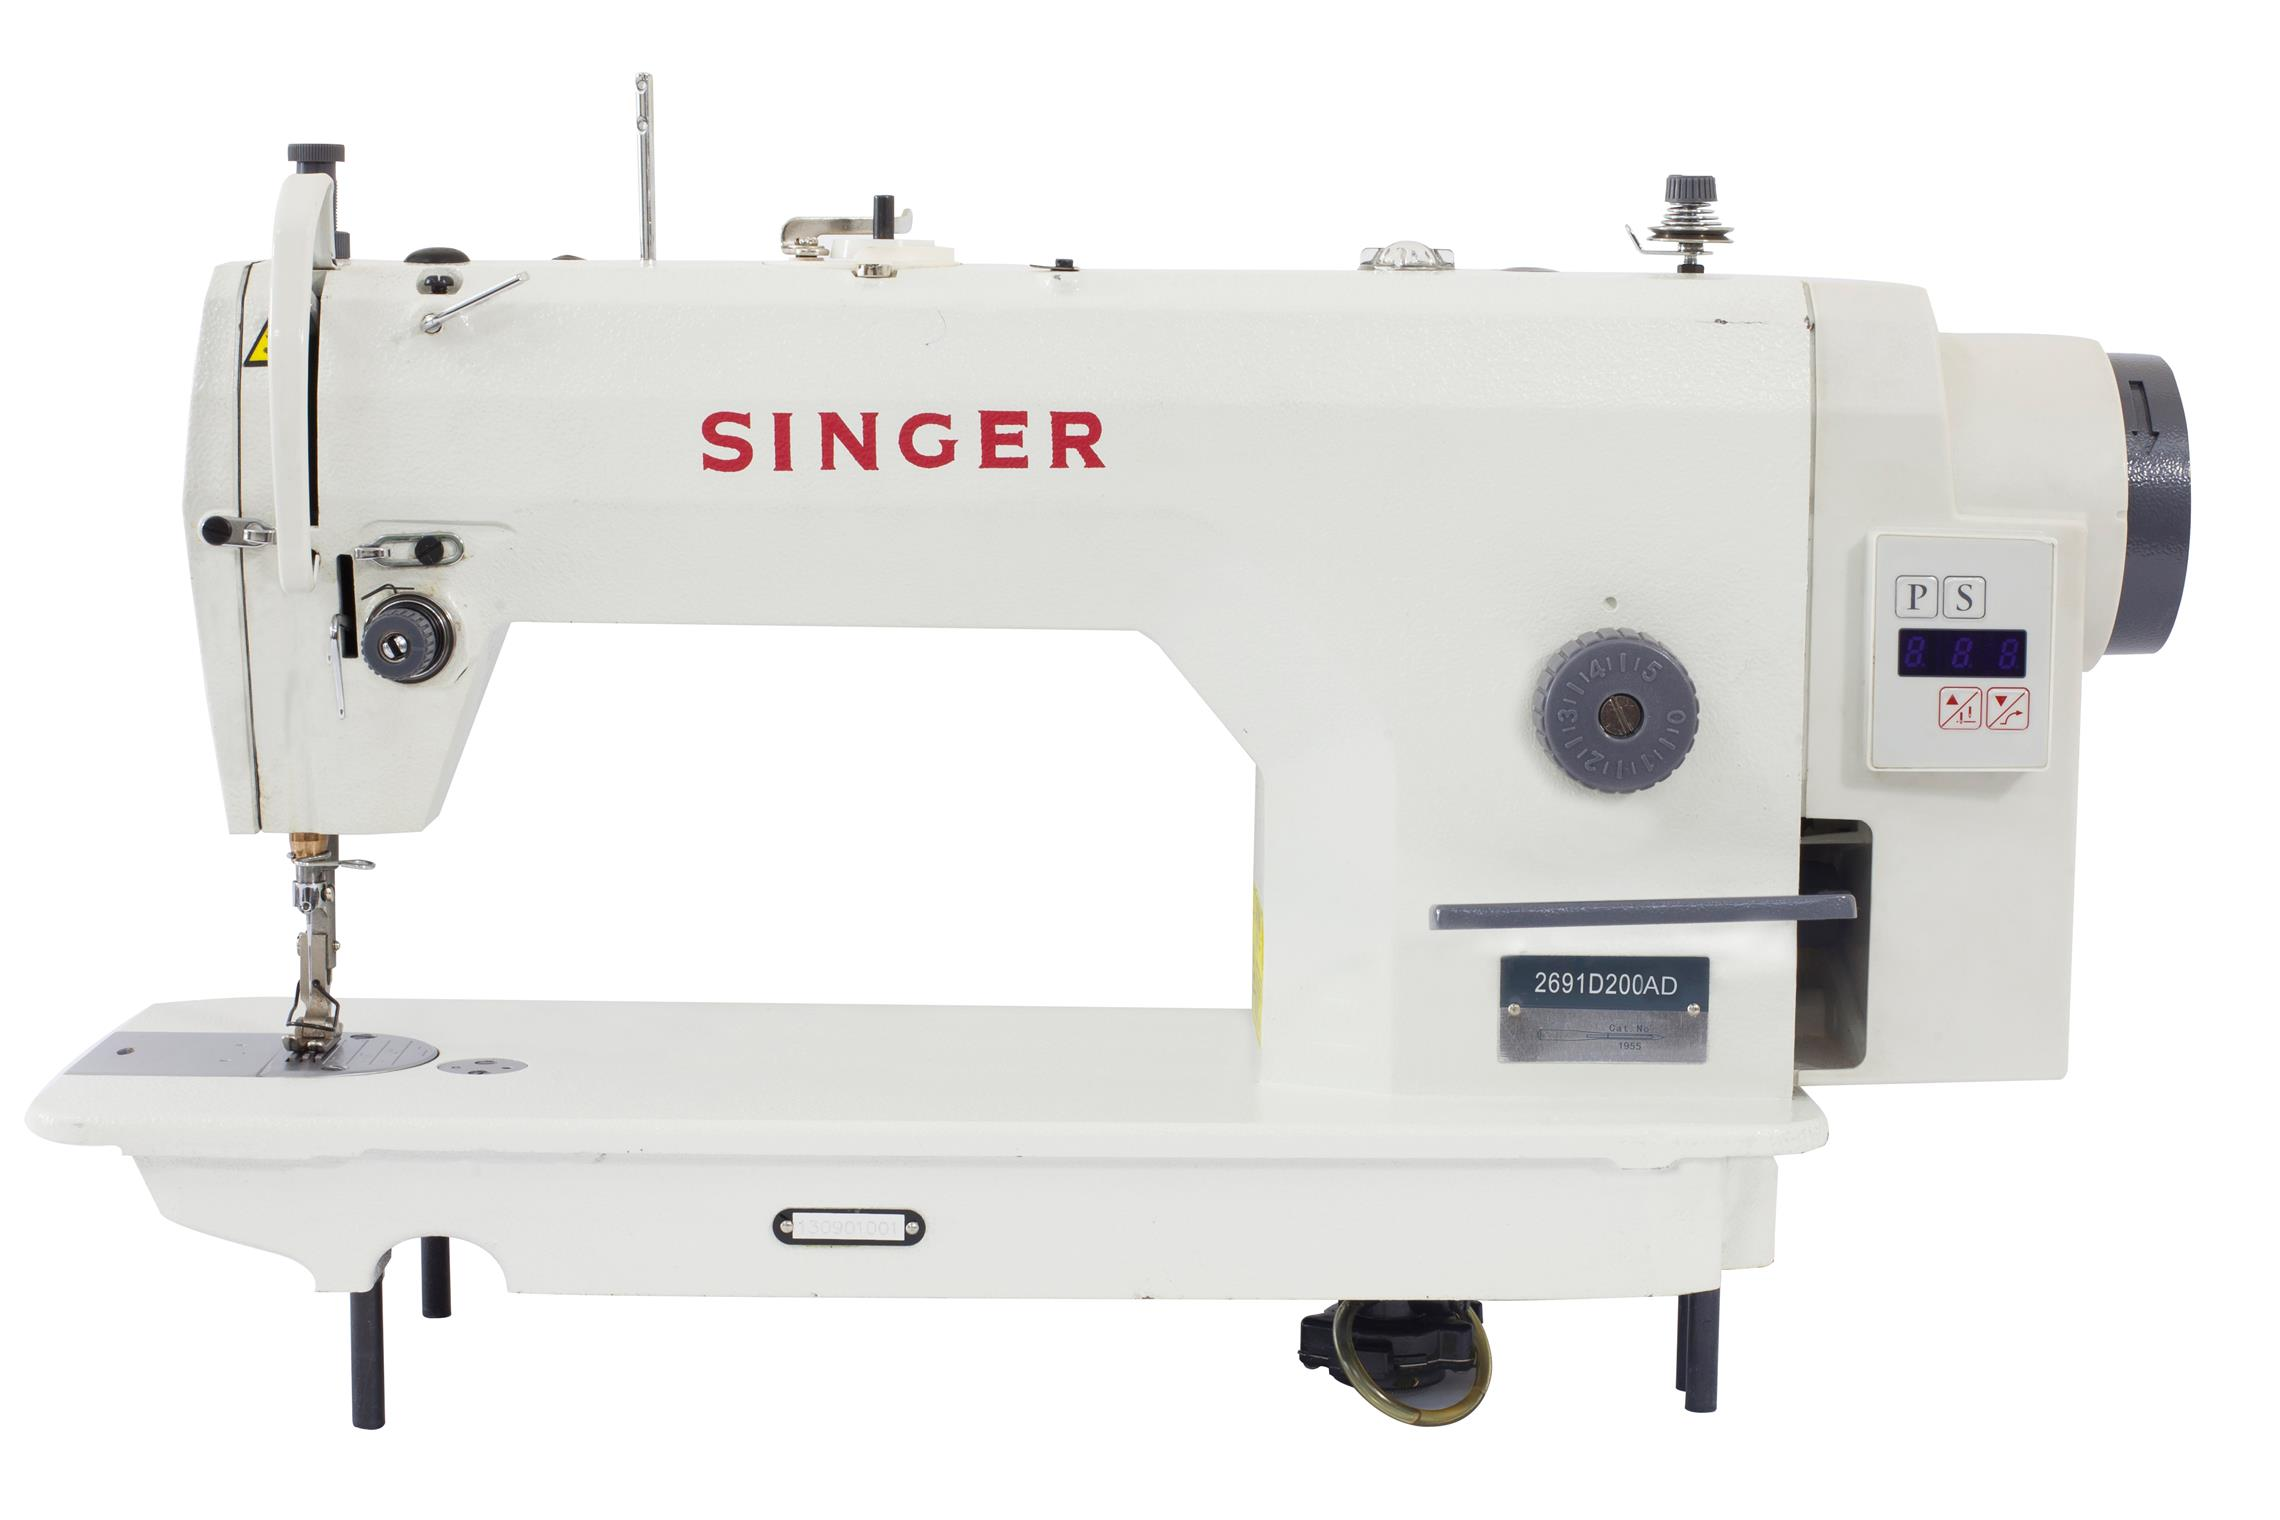 Set Jimat Mesin Jahit Industri Singer sewing machine bangi KL Selangor Melaka